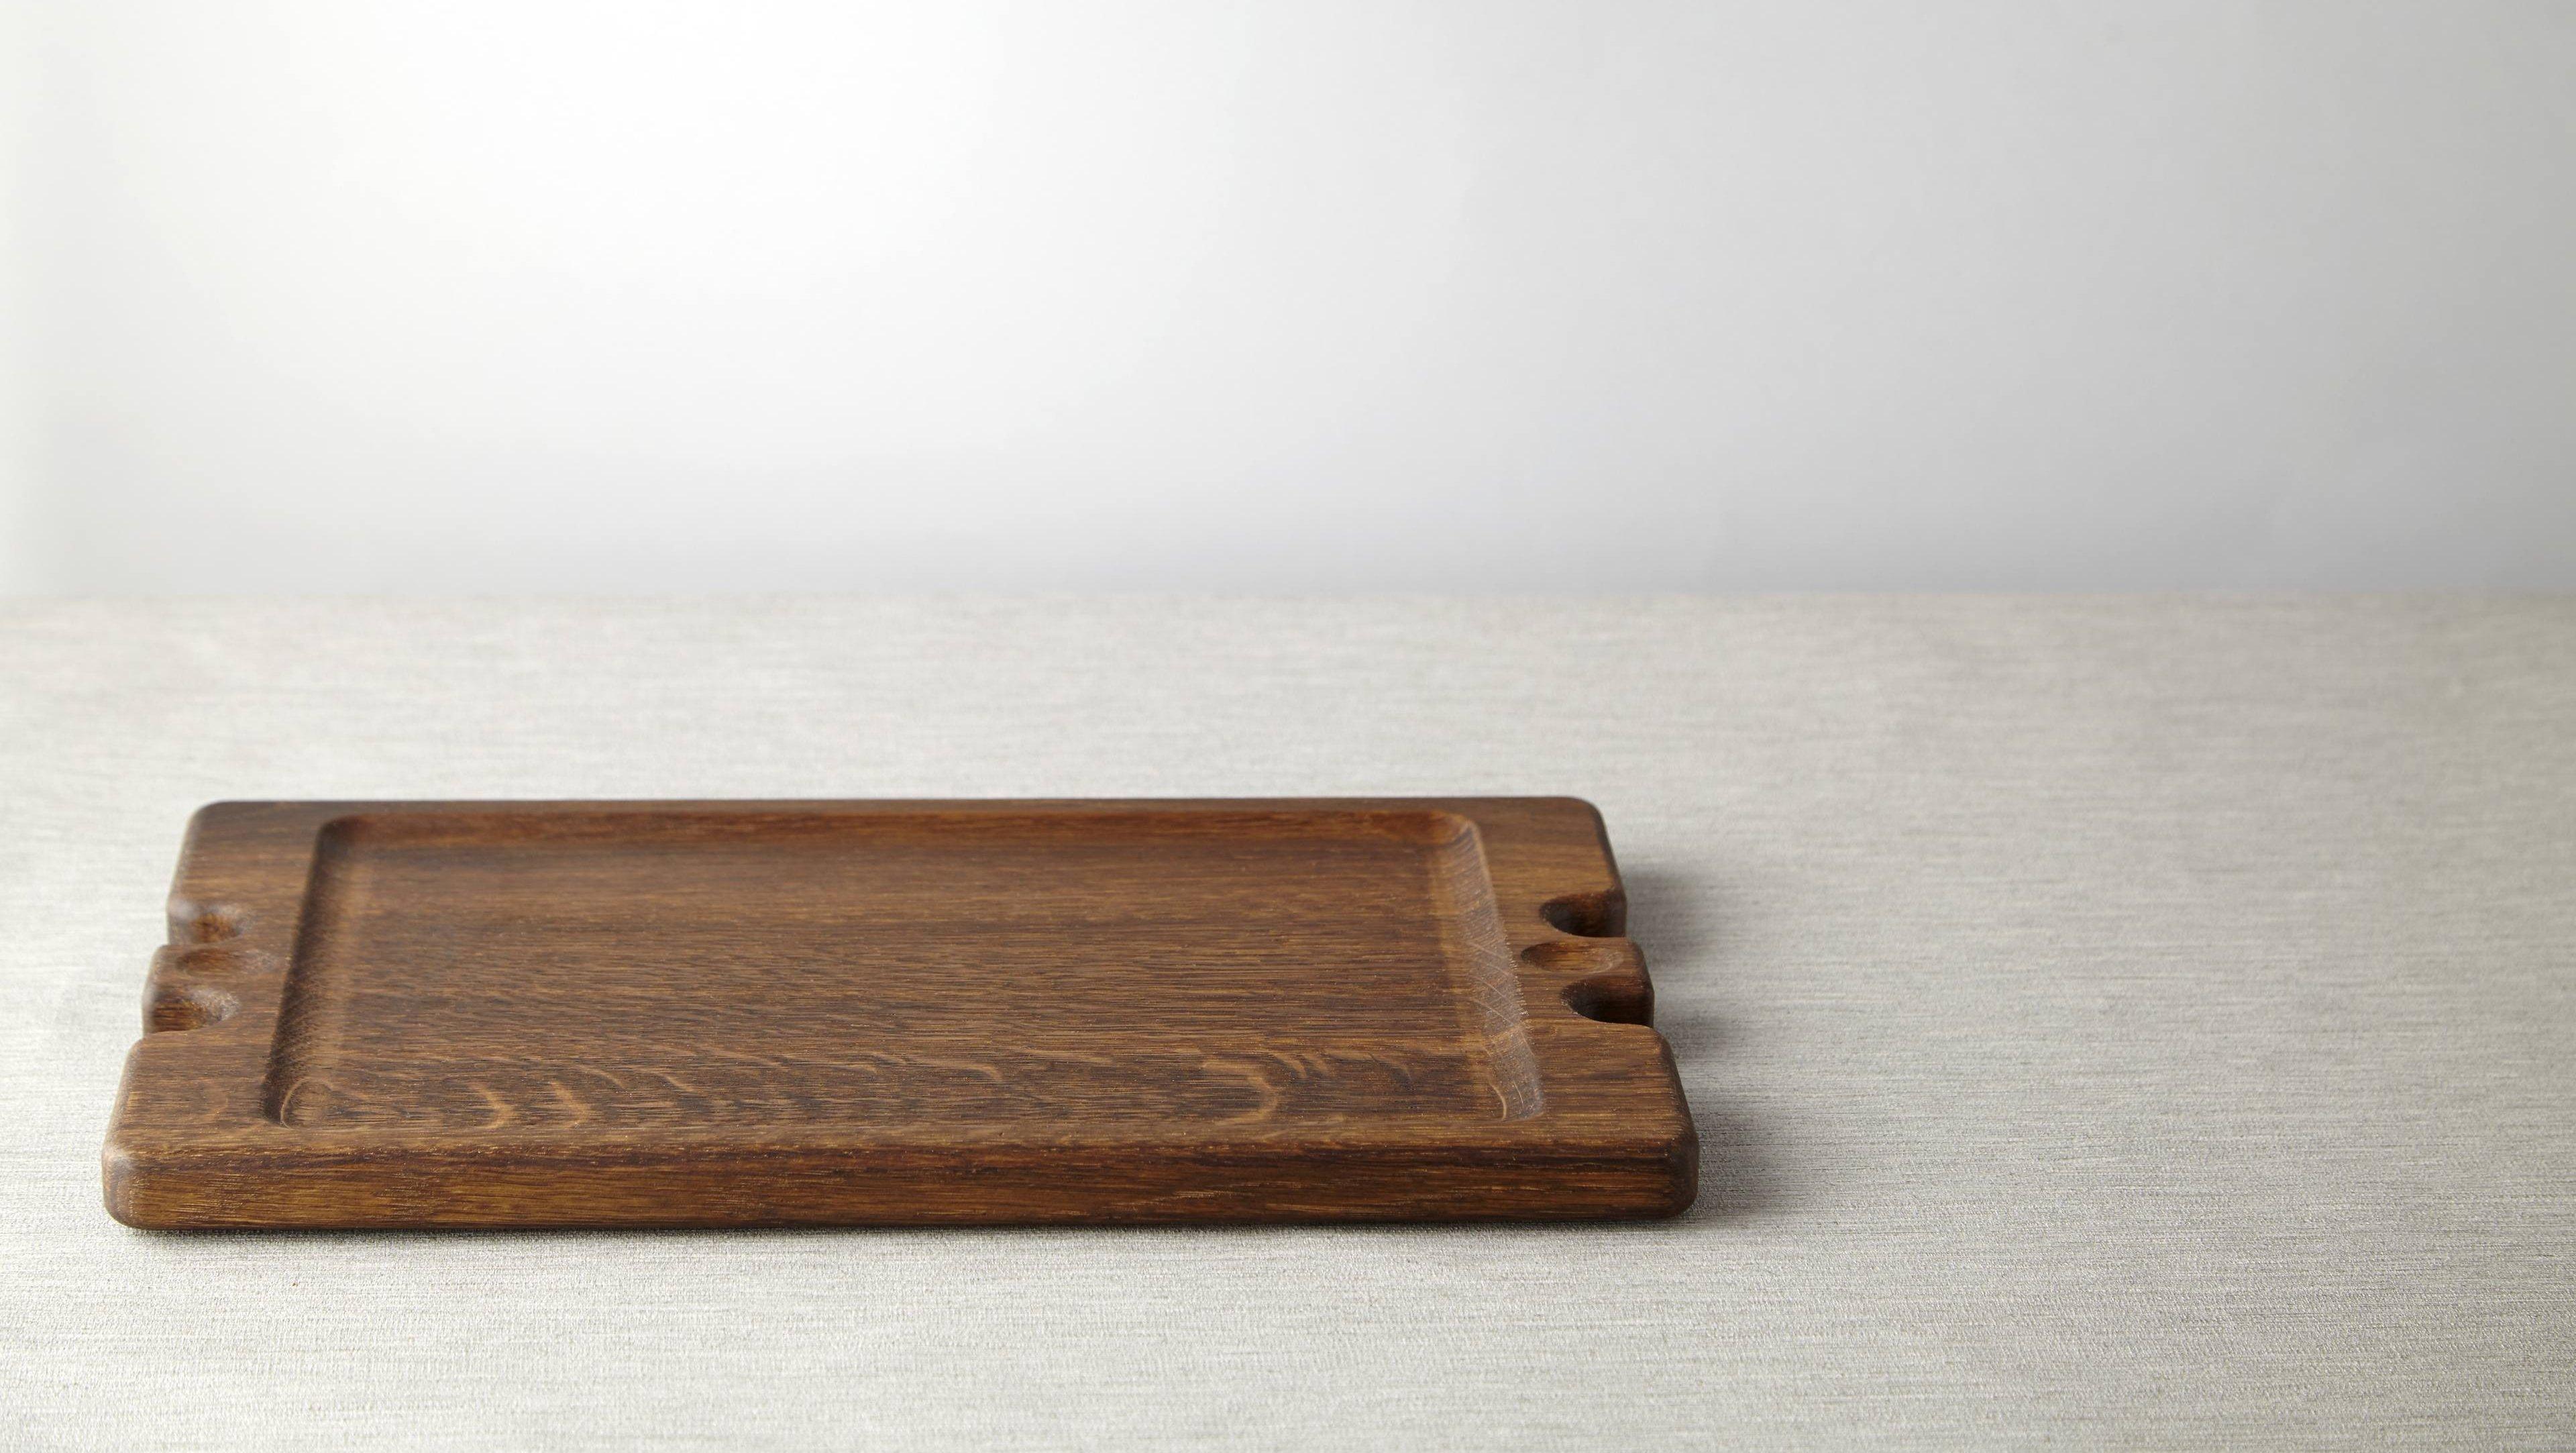 Wooden serving board made from fumed oak